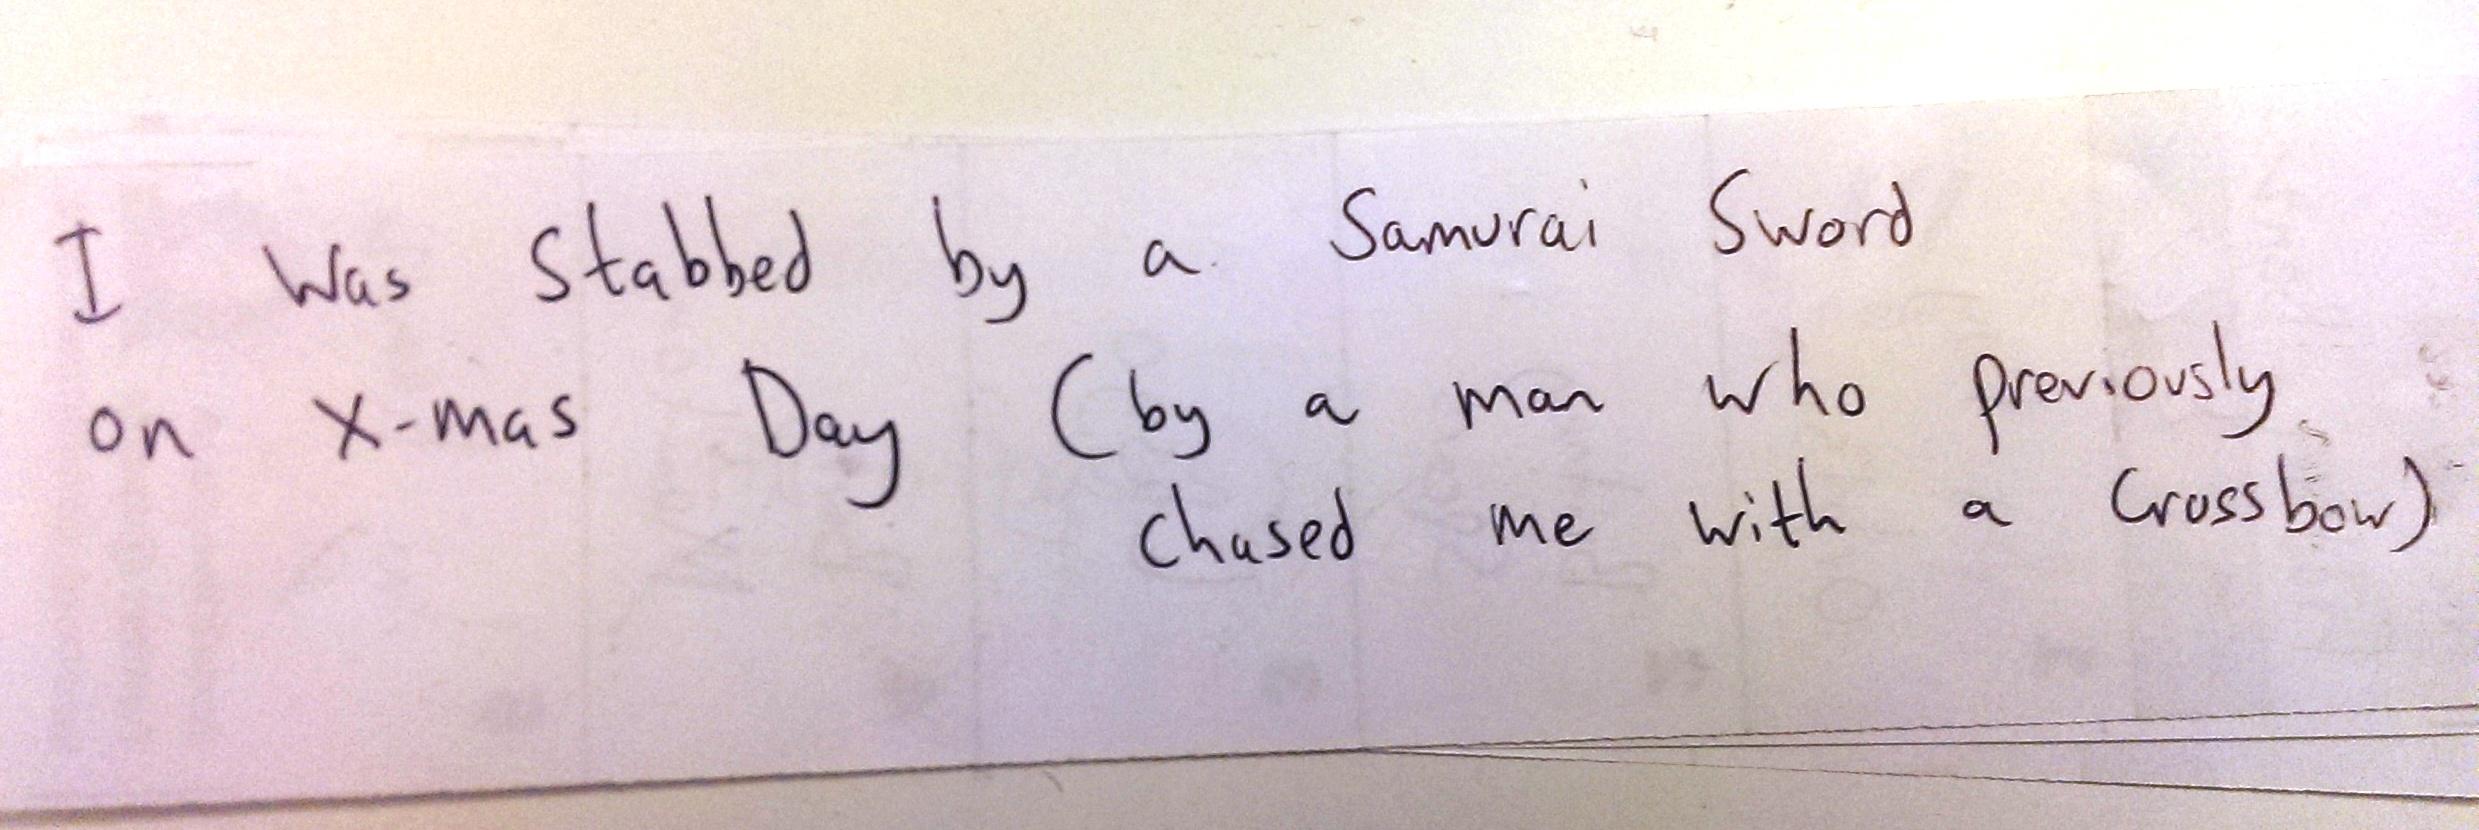 AMAZING FACT sam samurai